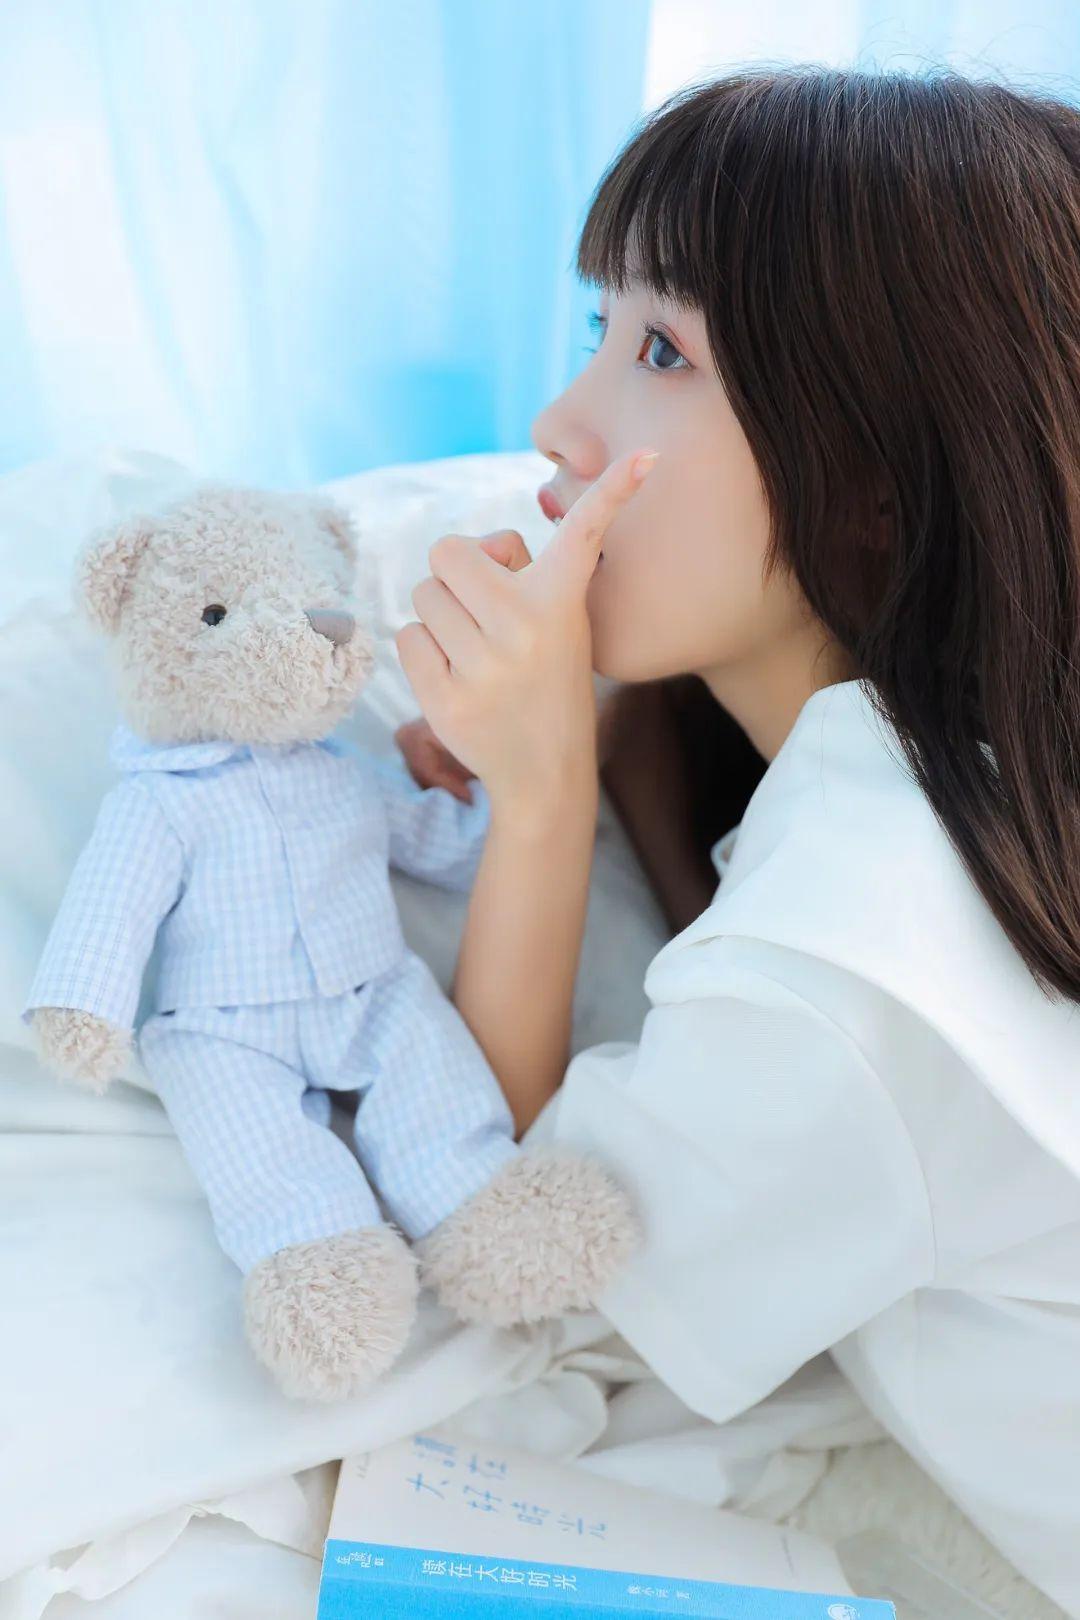 妹子摄影 – 白色连衣裙美腿少女的夏日生活_图片 No.4